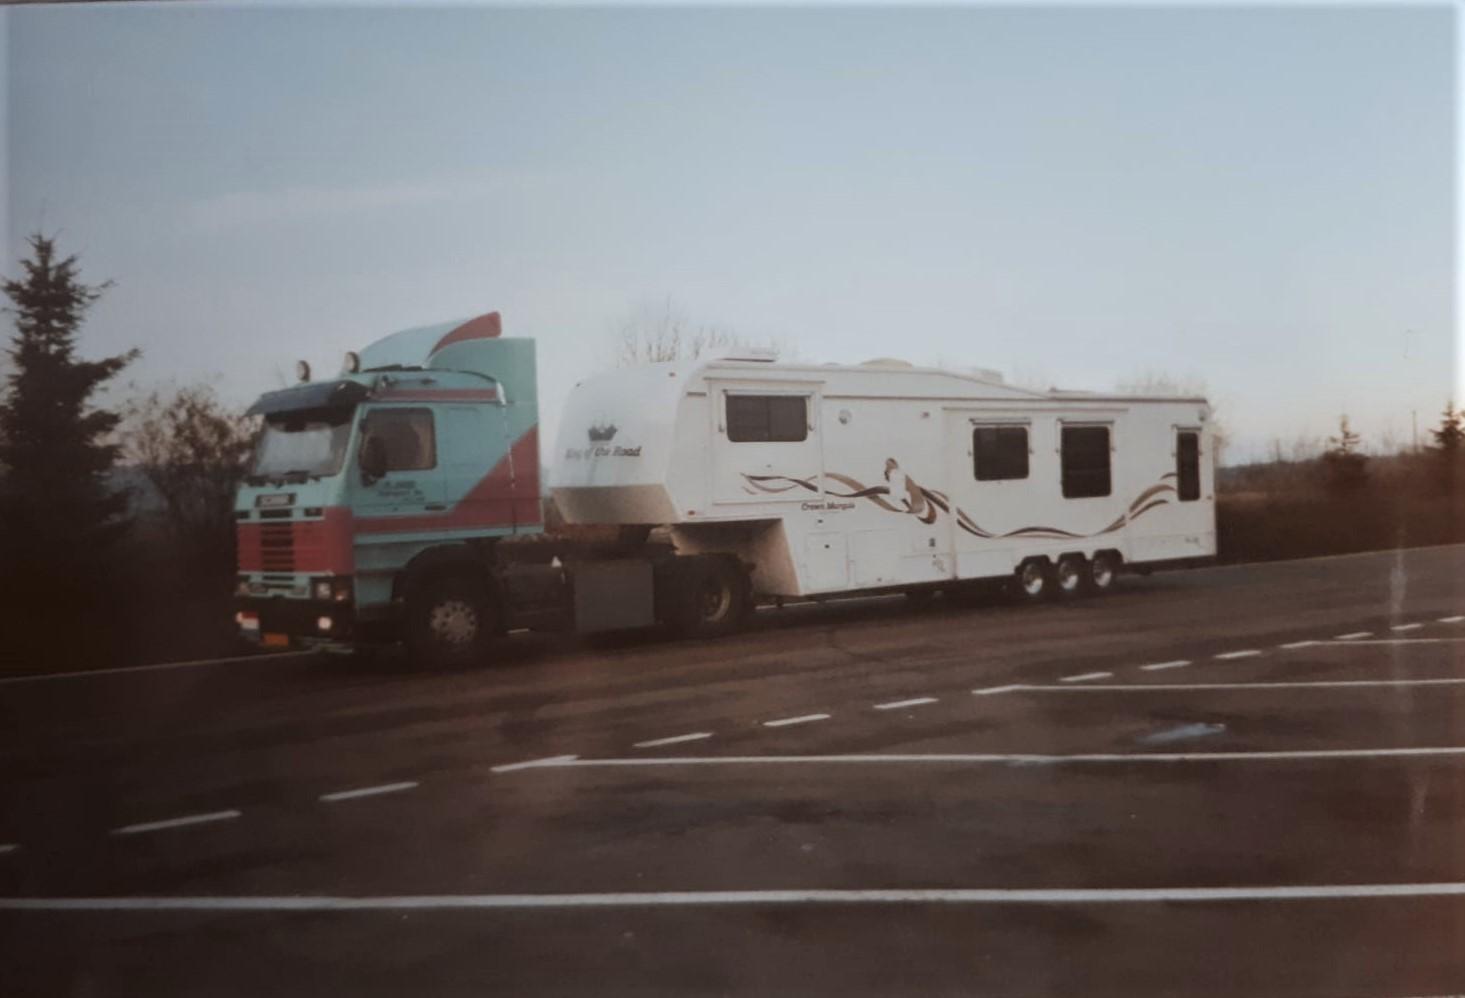 Jan-van-Leendert-met-een-nieuwe-camper-naar-Marsielle---en-weer-terug-want-de-opdrachtgever-kon-hem-niet-betalen